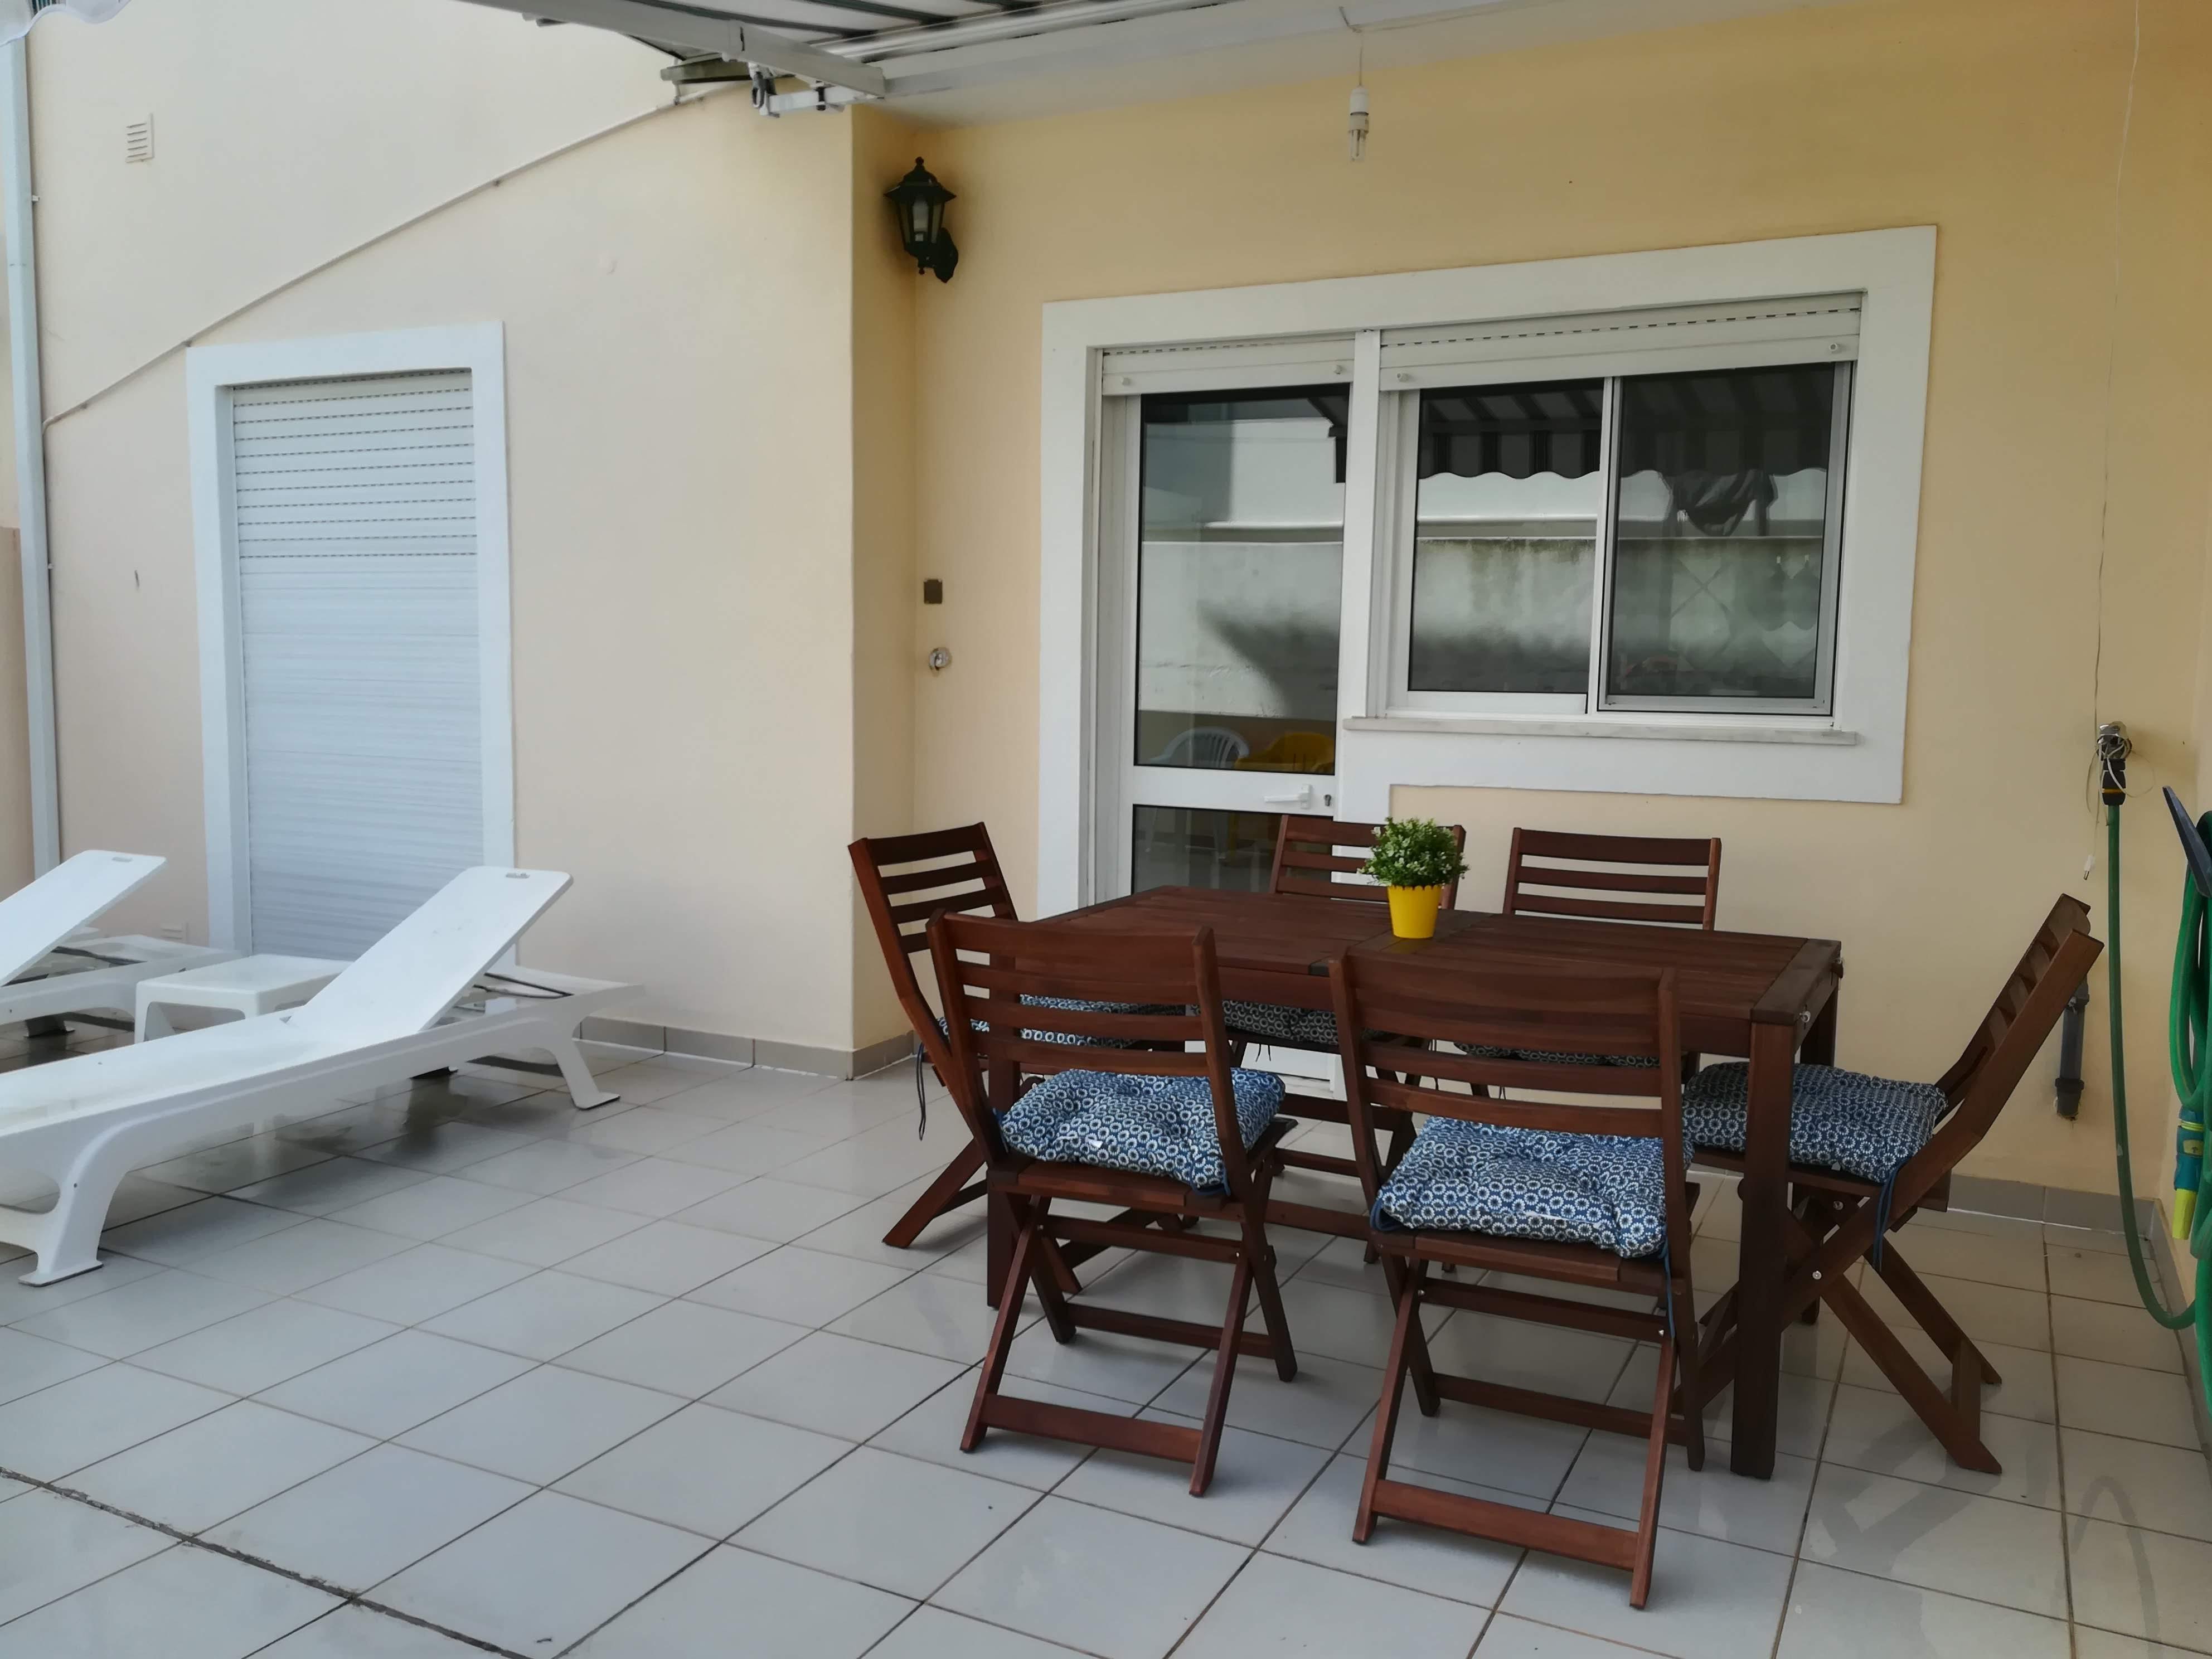 Location appartements et villas de vacance, Apartamento com terraço, perto da praia à Armação de Pêra, Portugal Algarve, REF_IMG_9160_9161